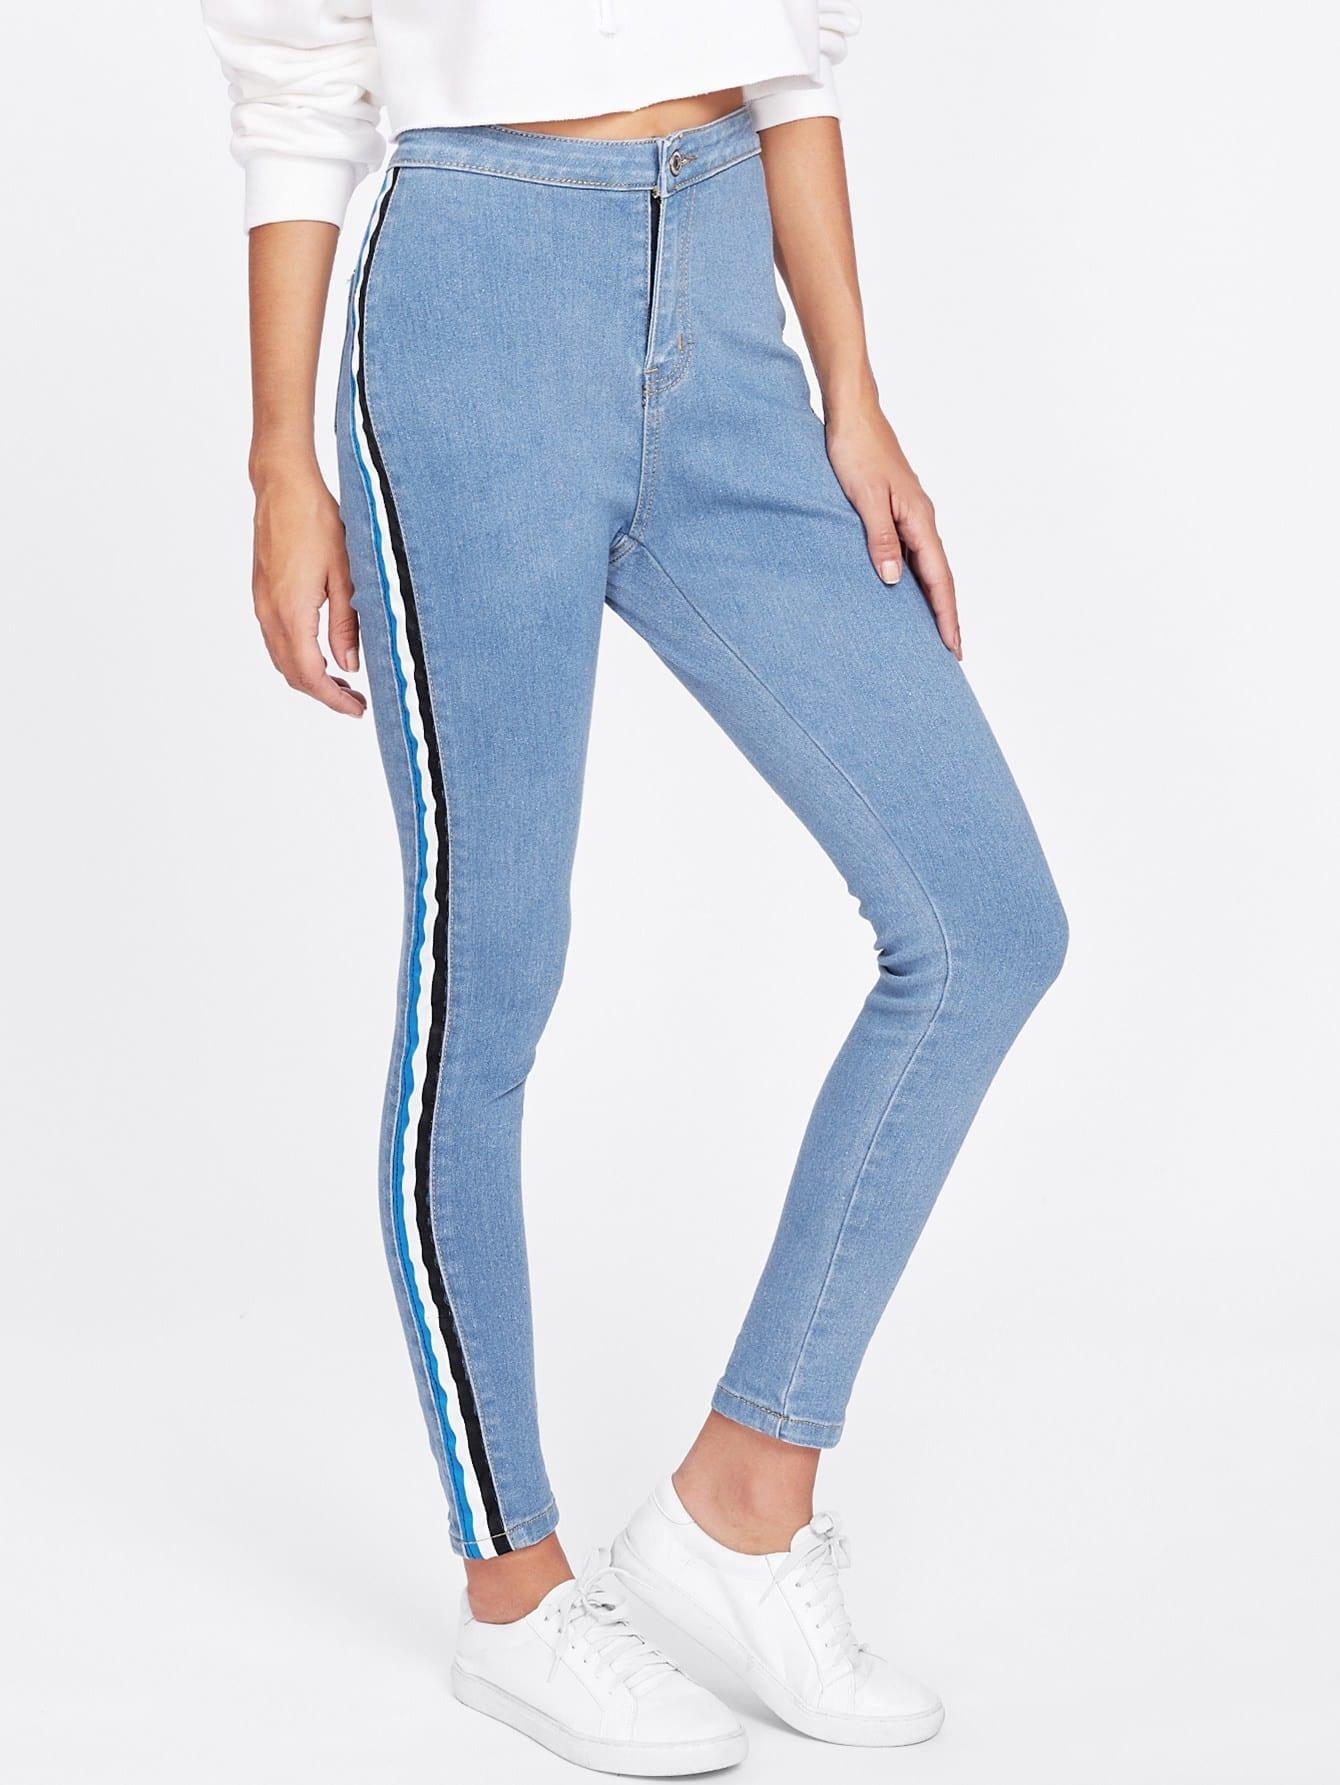 Striped Side Jeans